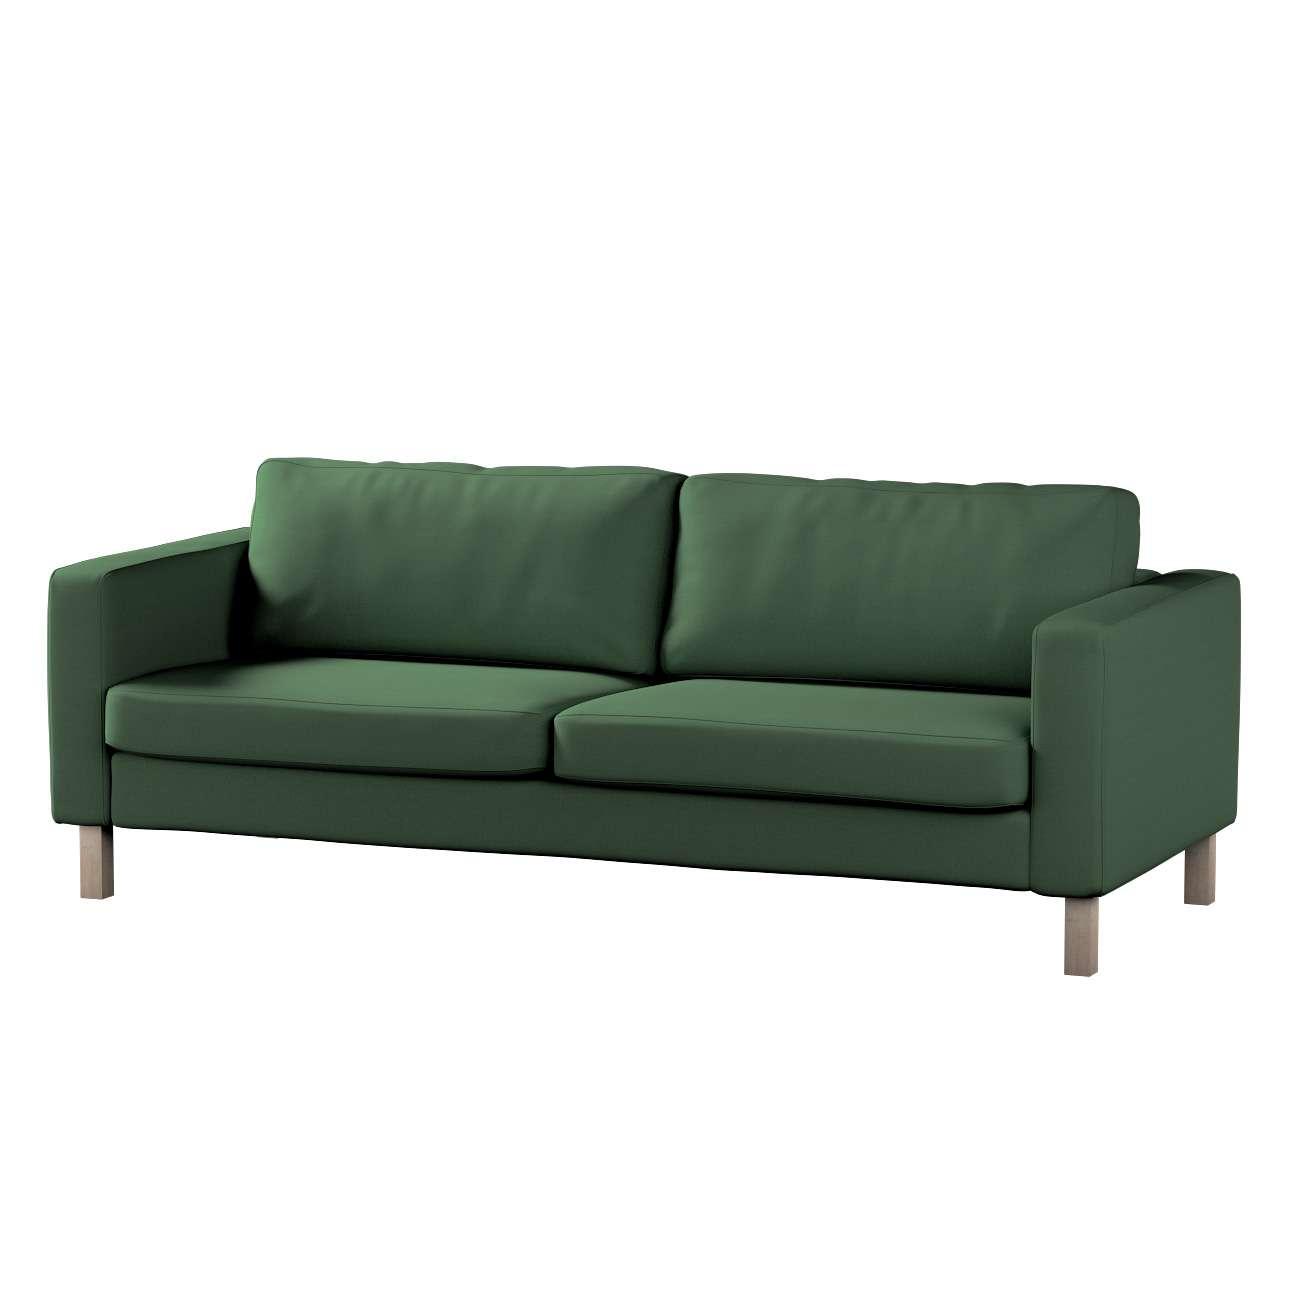 Poťah na sedačku Karlstad (nerozkladá sa, pre 3 osoby, krátka) Poťah na sedačku Karlstad - pre 3 osoby, nerozkladá sa, krátka V kolekcii Cotton Panama, tkanina: 702-06